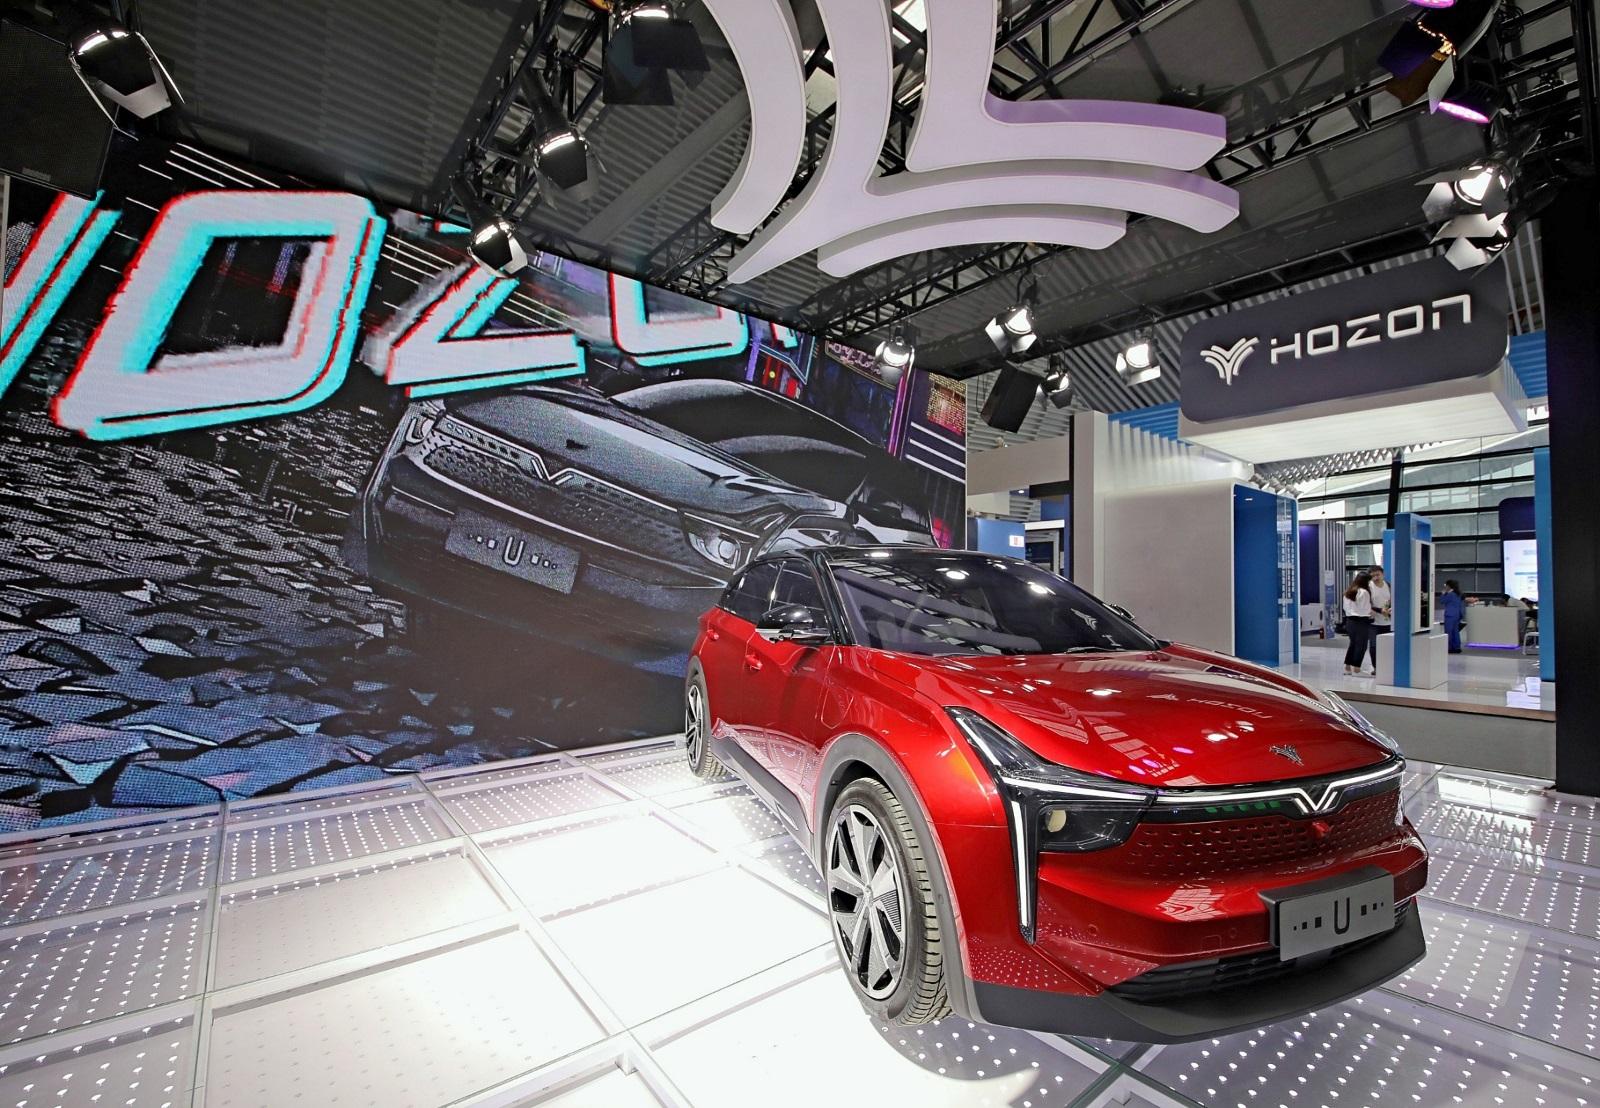 第六届世界互联网大会唯一新创车企合作伙伴 哪吒汽车情感科技引领智能出行